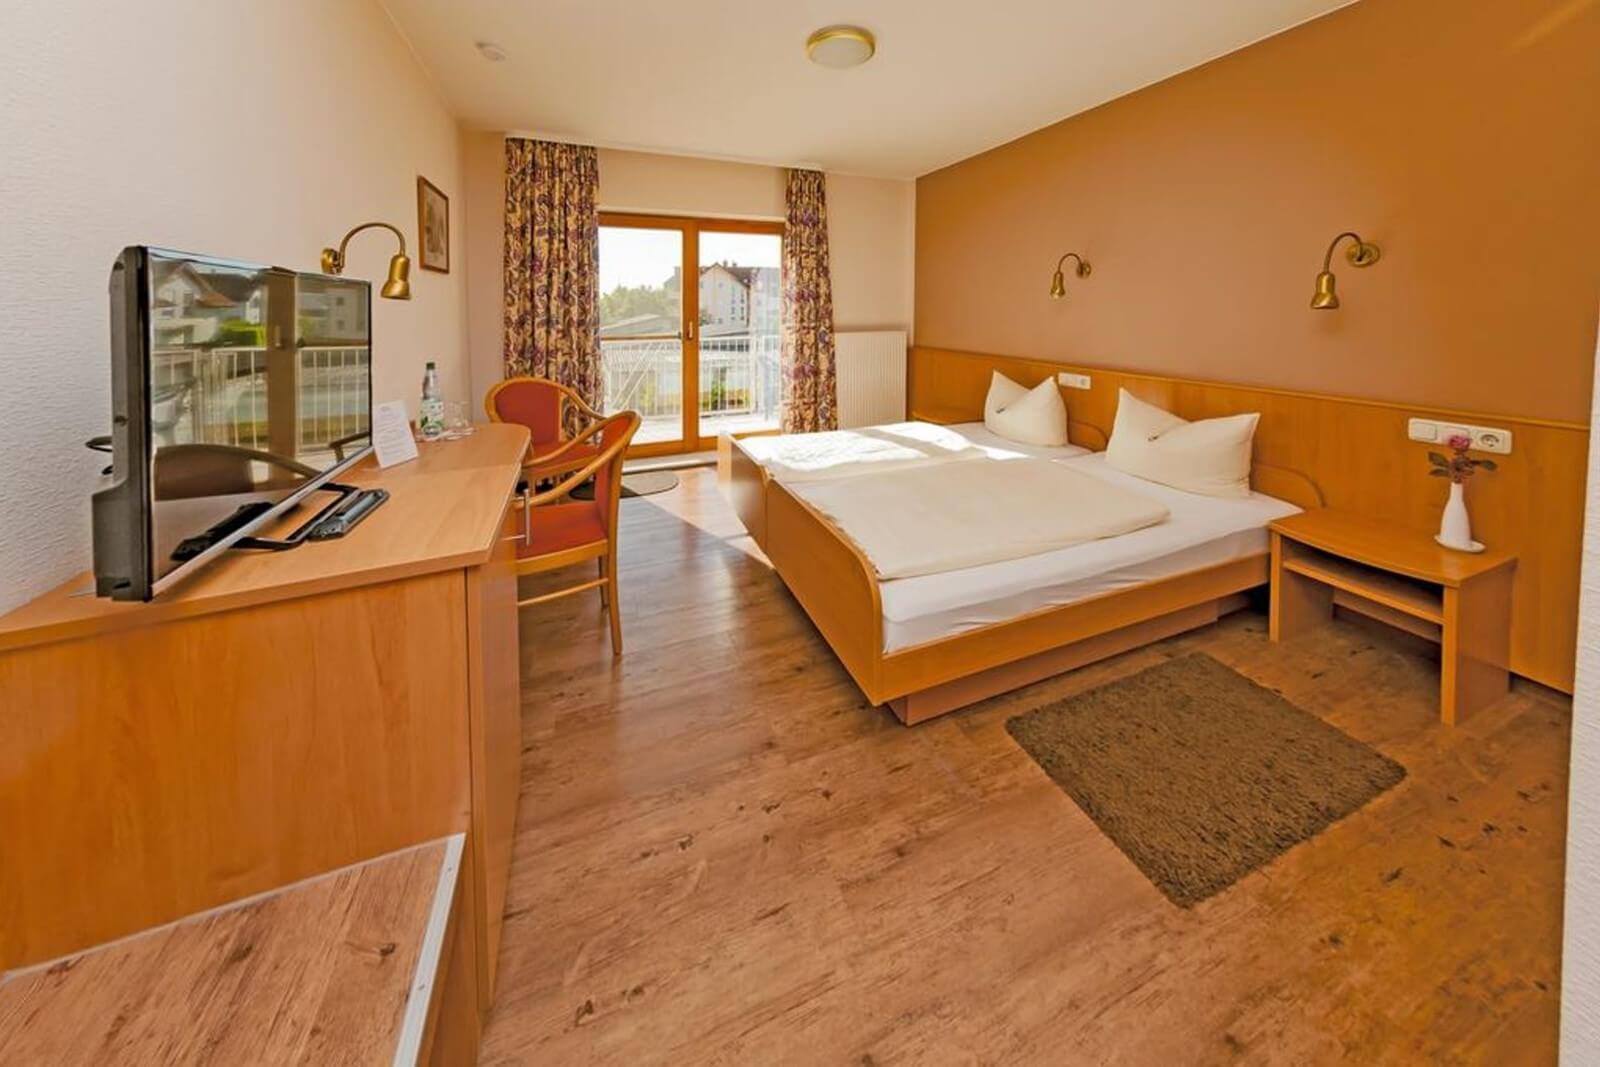 doppelzimmer-komfort-hotel-pension-bett-fruehstueck-riedstadt5